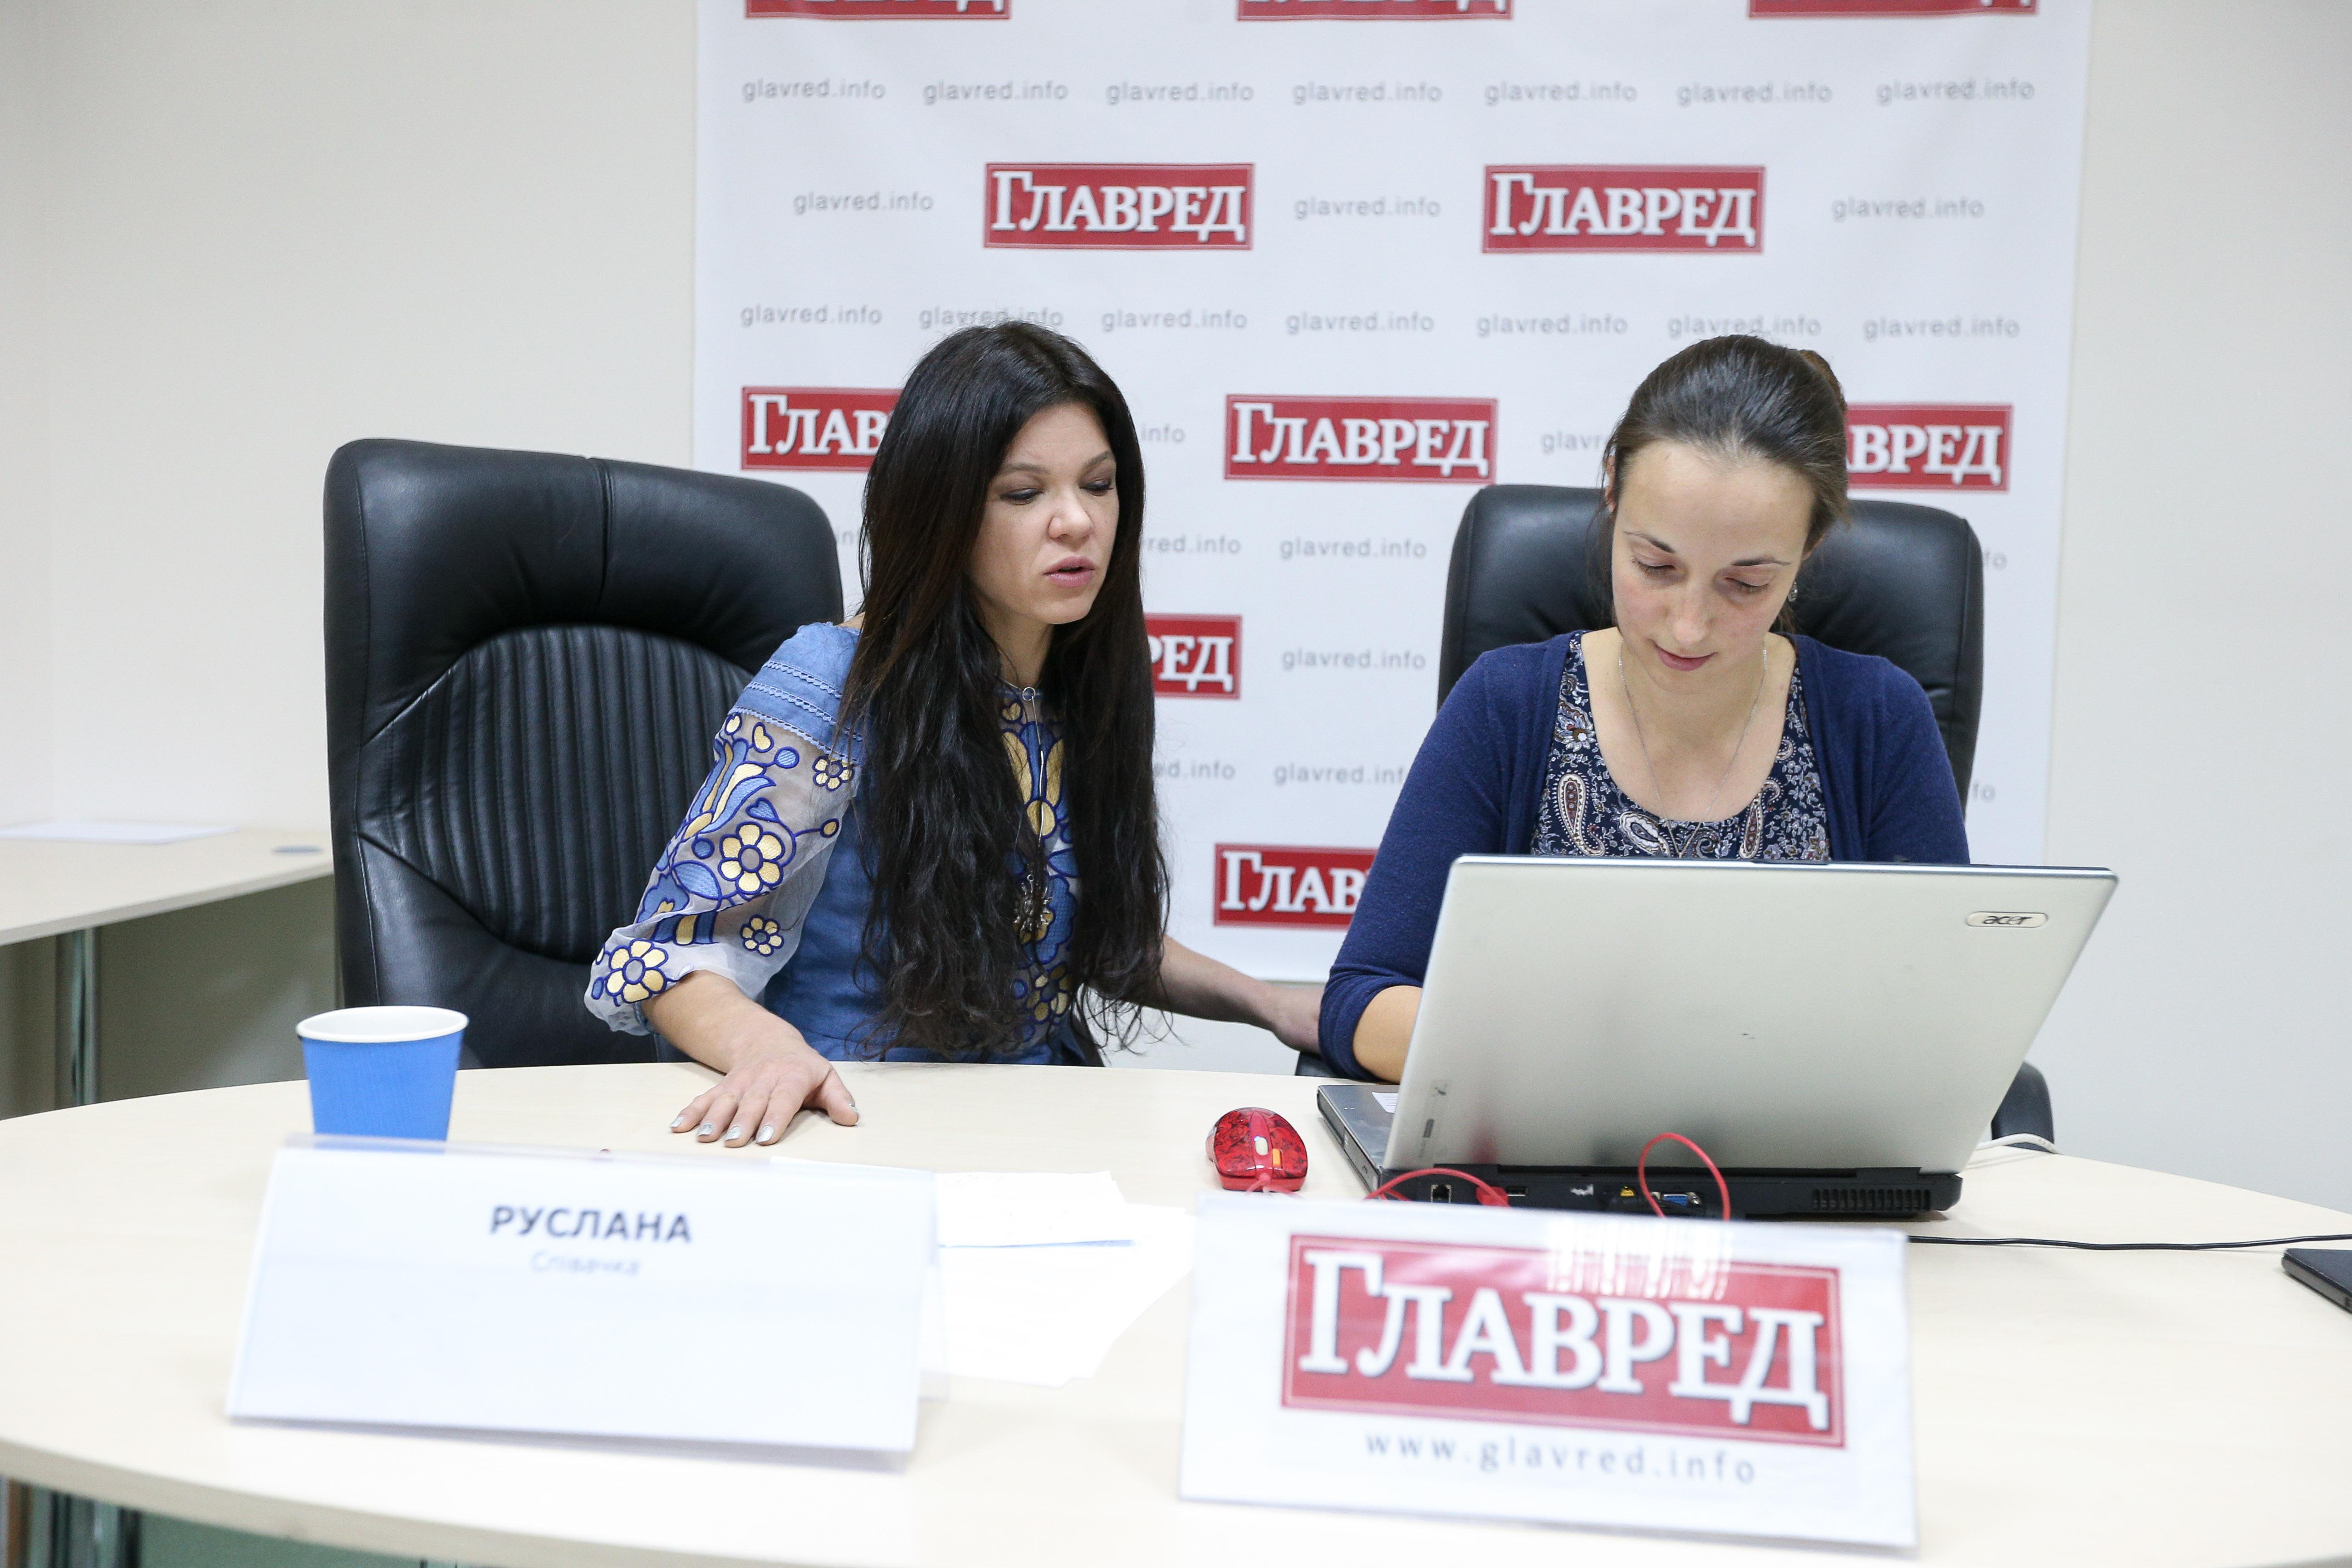 Руслана хотела бы видеть на Евровидении-2018 другого представителя Украины